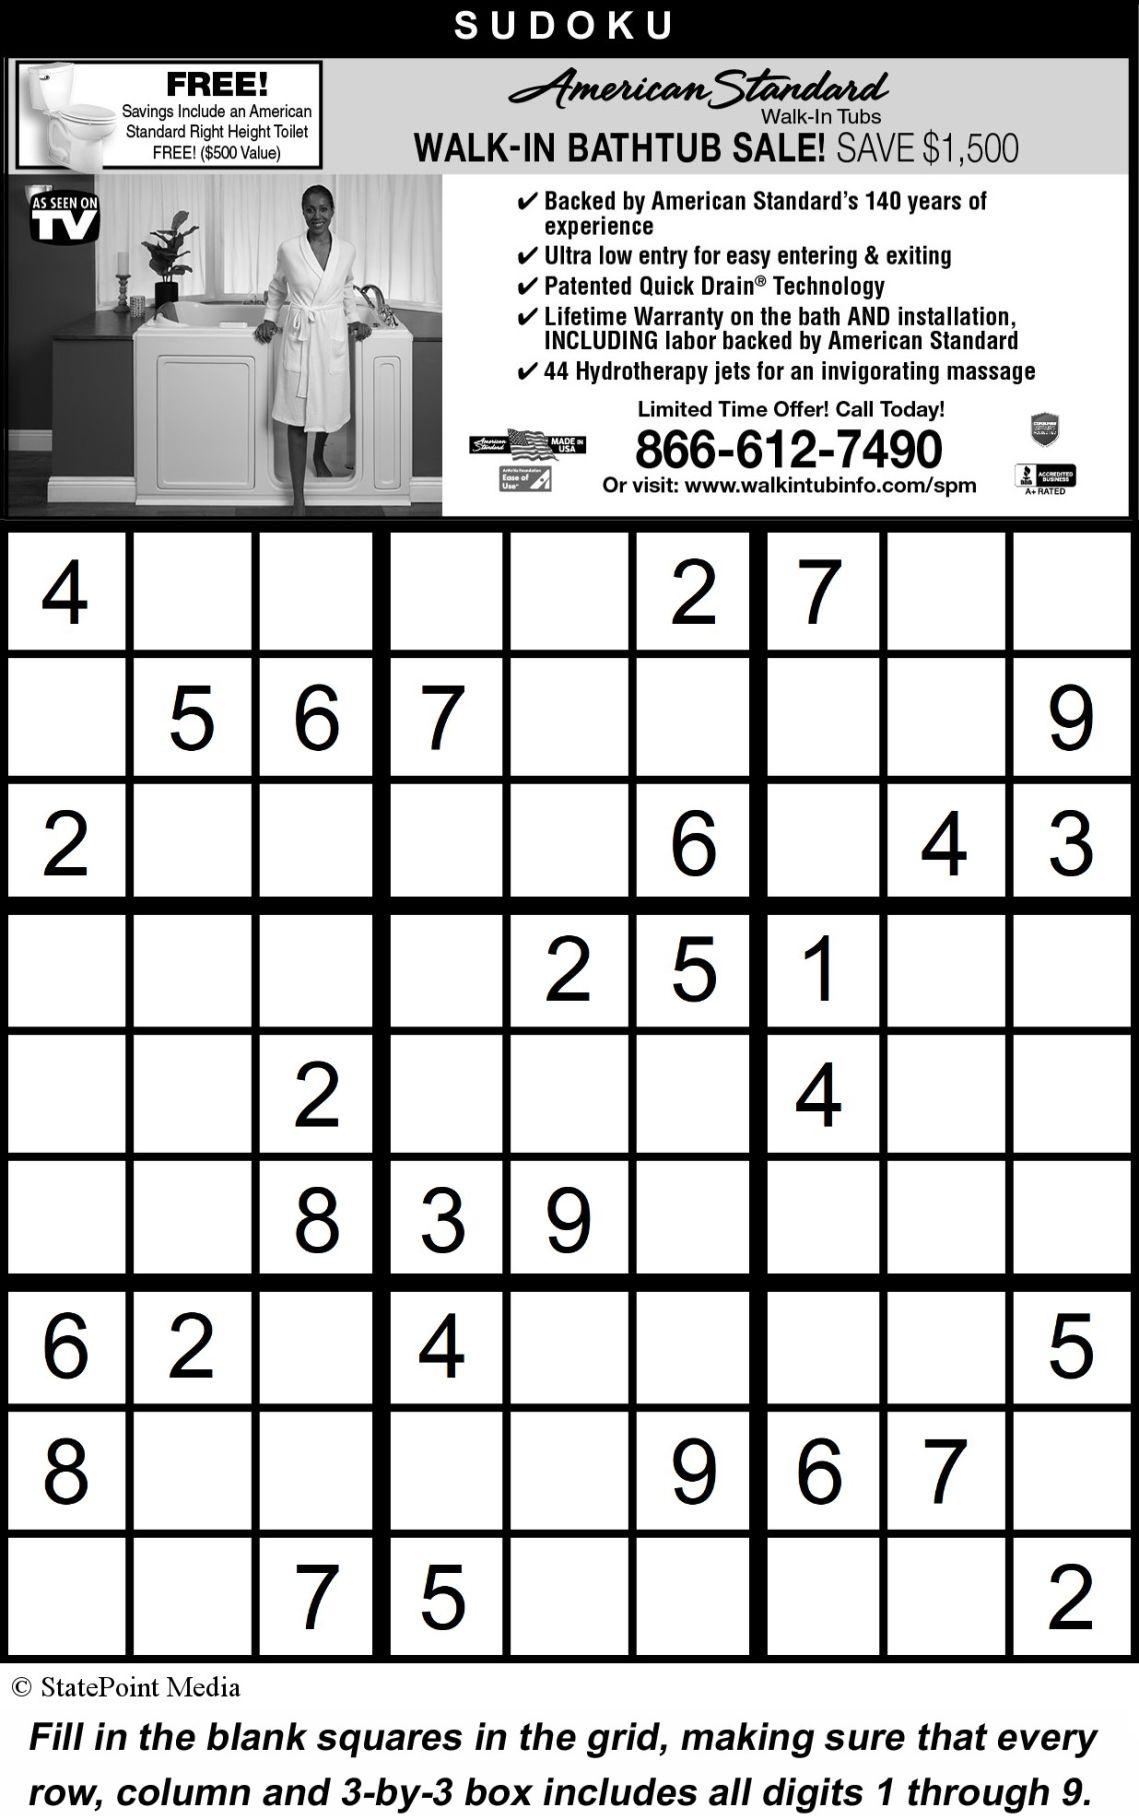 05-25-20 Sudoku Puzzle.jpg